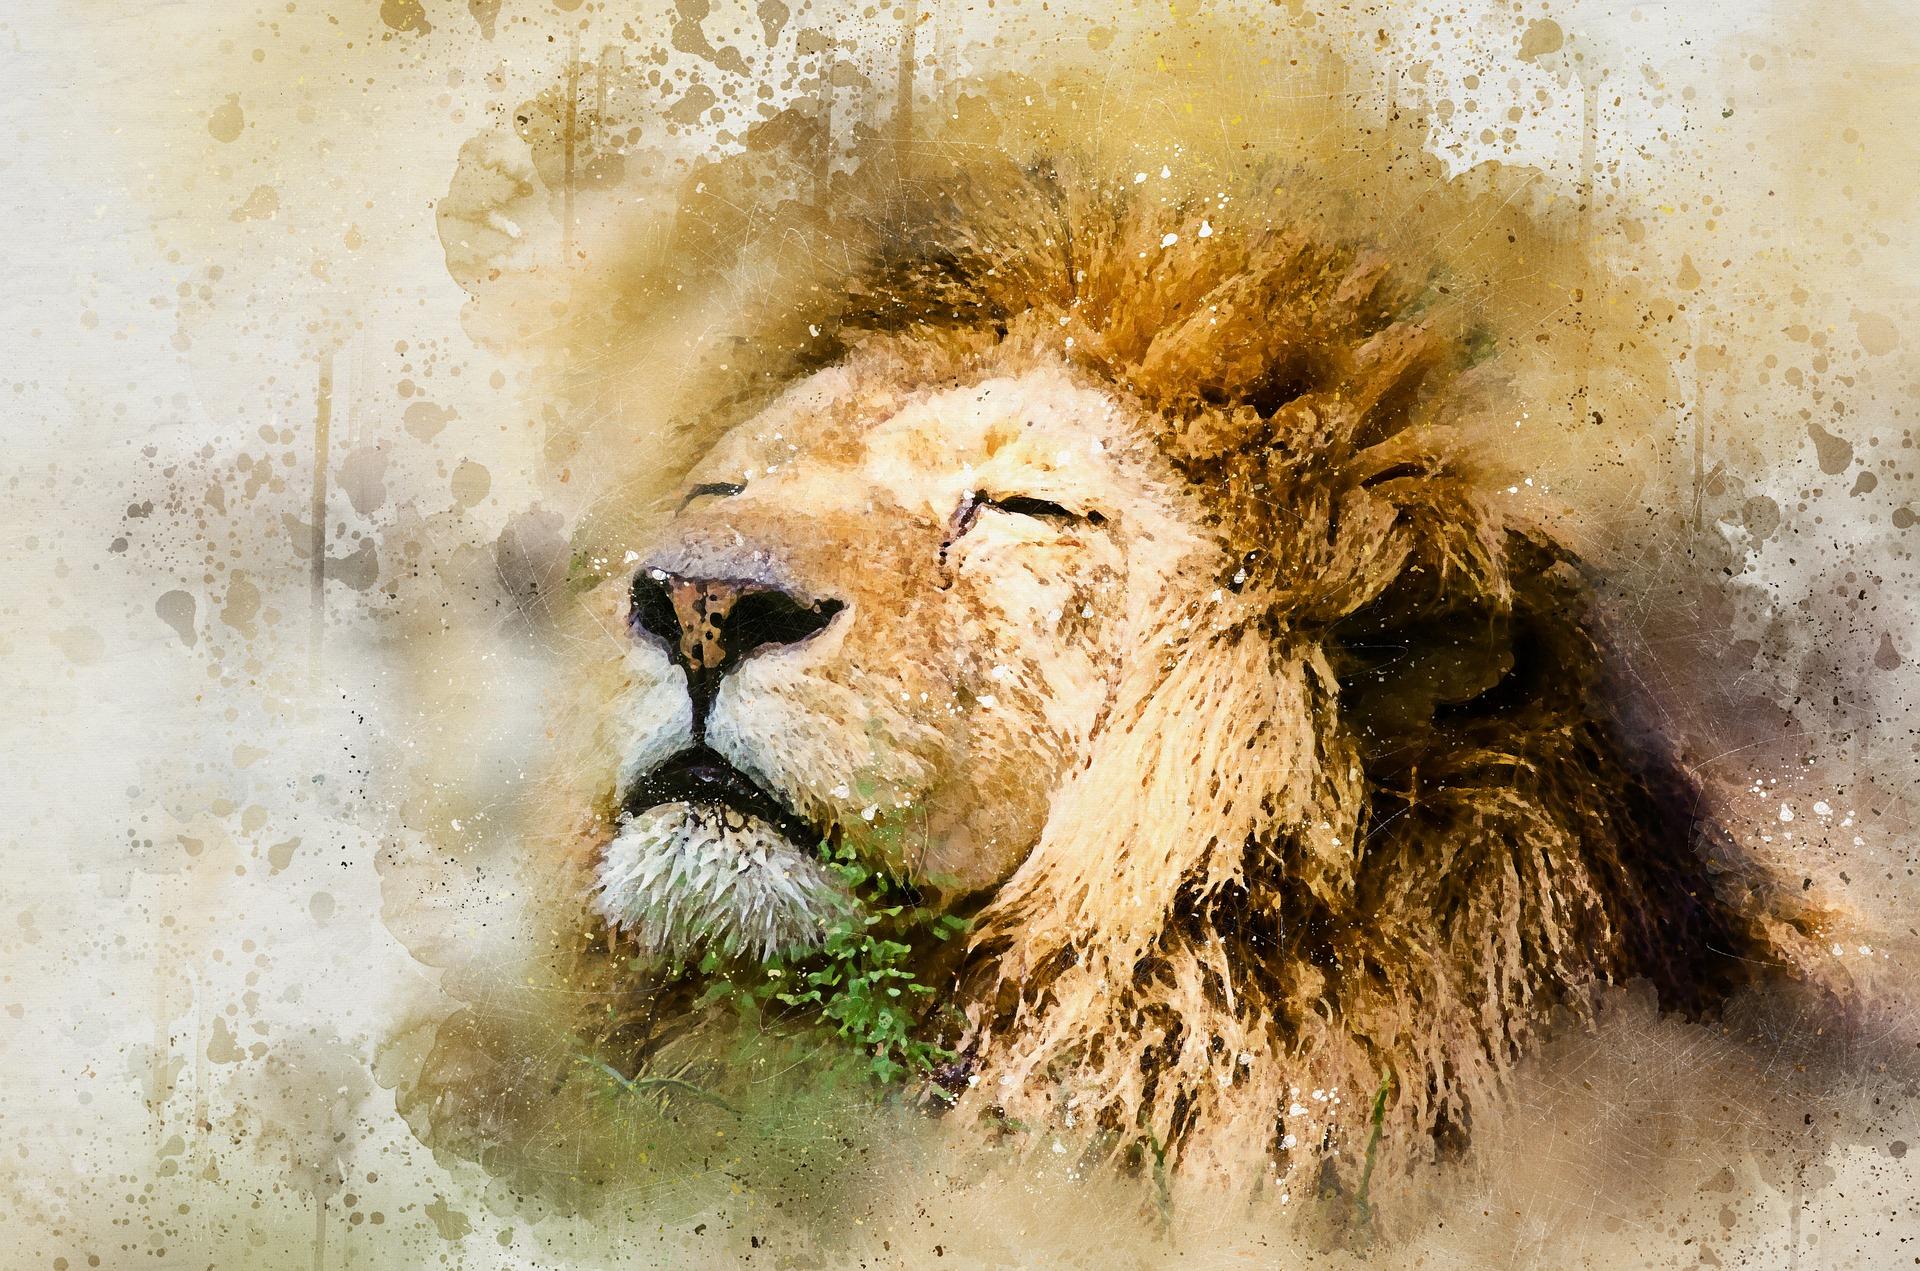 【タルムード】骨が引っかかったライオン (投資や交渉)